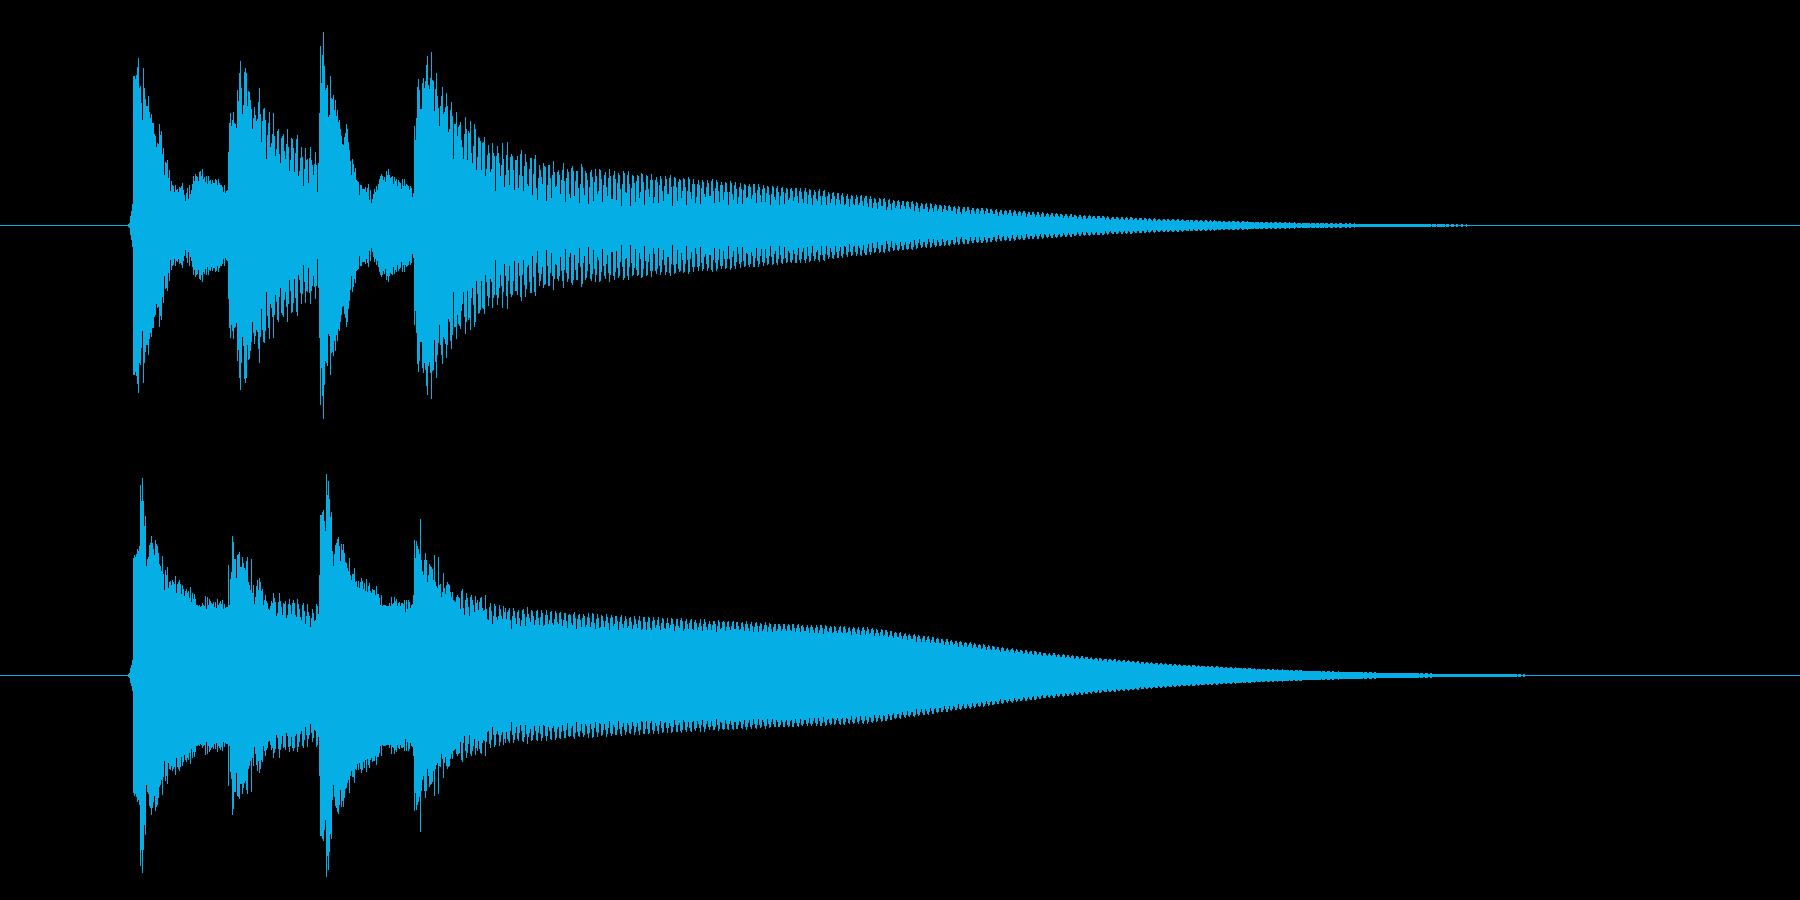 【生録音】ピンポンピンポン(速度-早め)の再生済みの波形